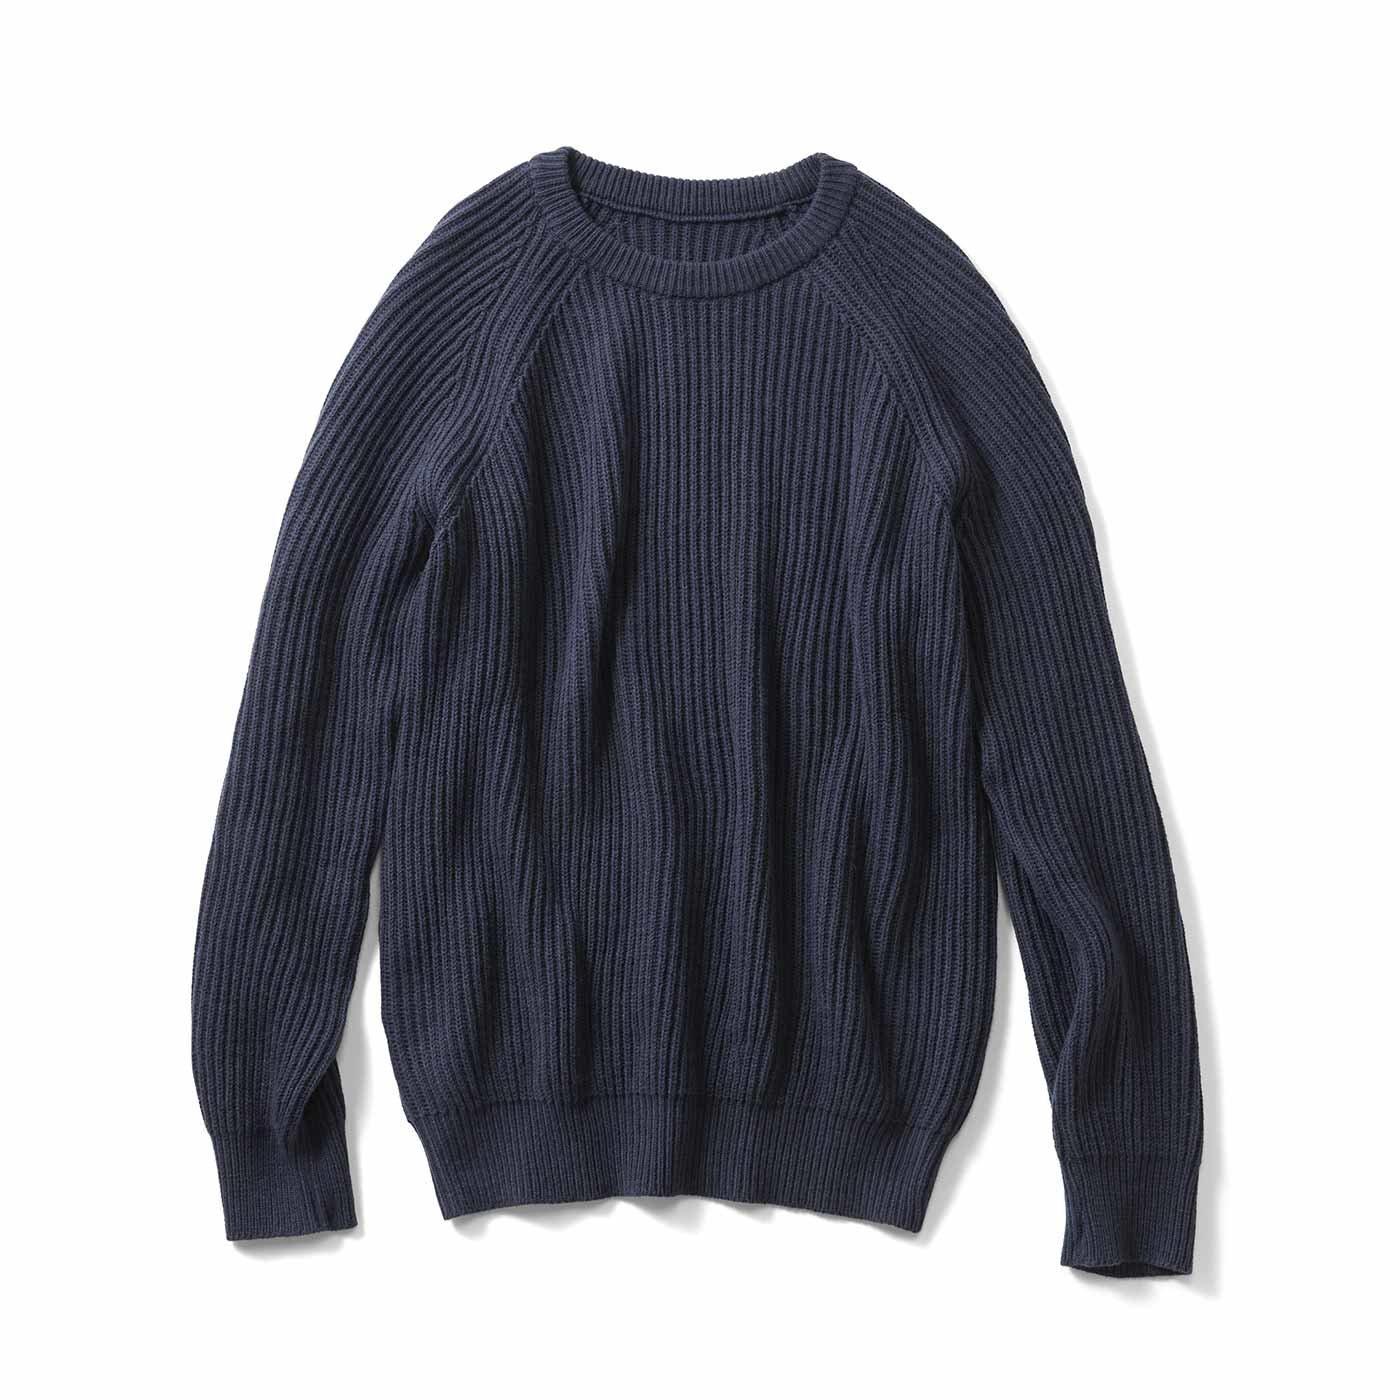 THREE FIFTY STANDARD 畦(あぜ)編みのざっくりニットセーター〈ネイビー〉